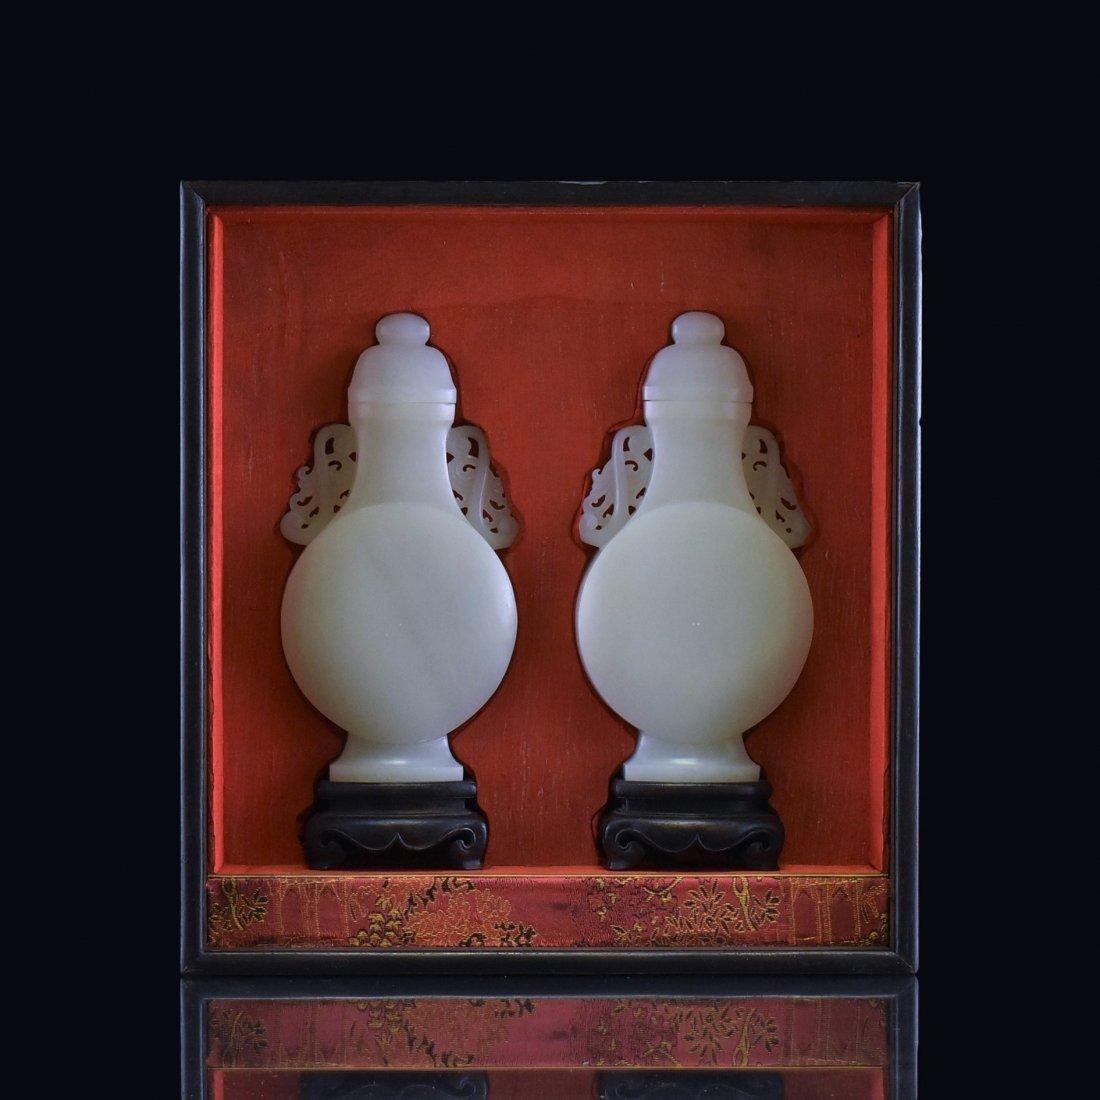 PAIR OF JADE COVERED URN IN ORIGINAL BOX